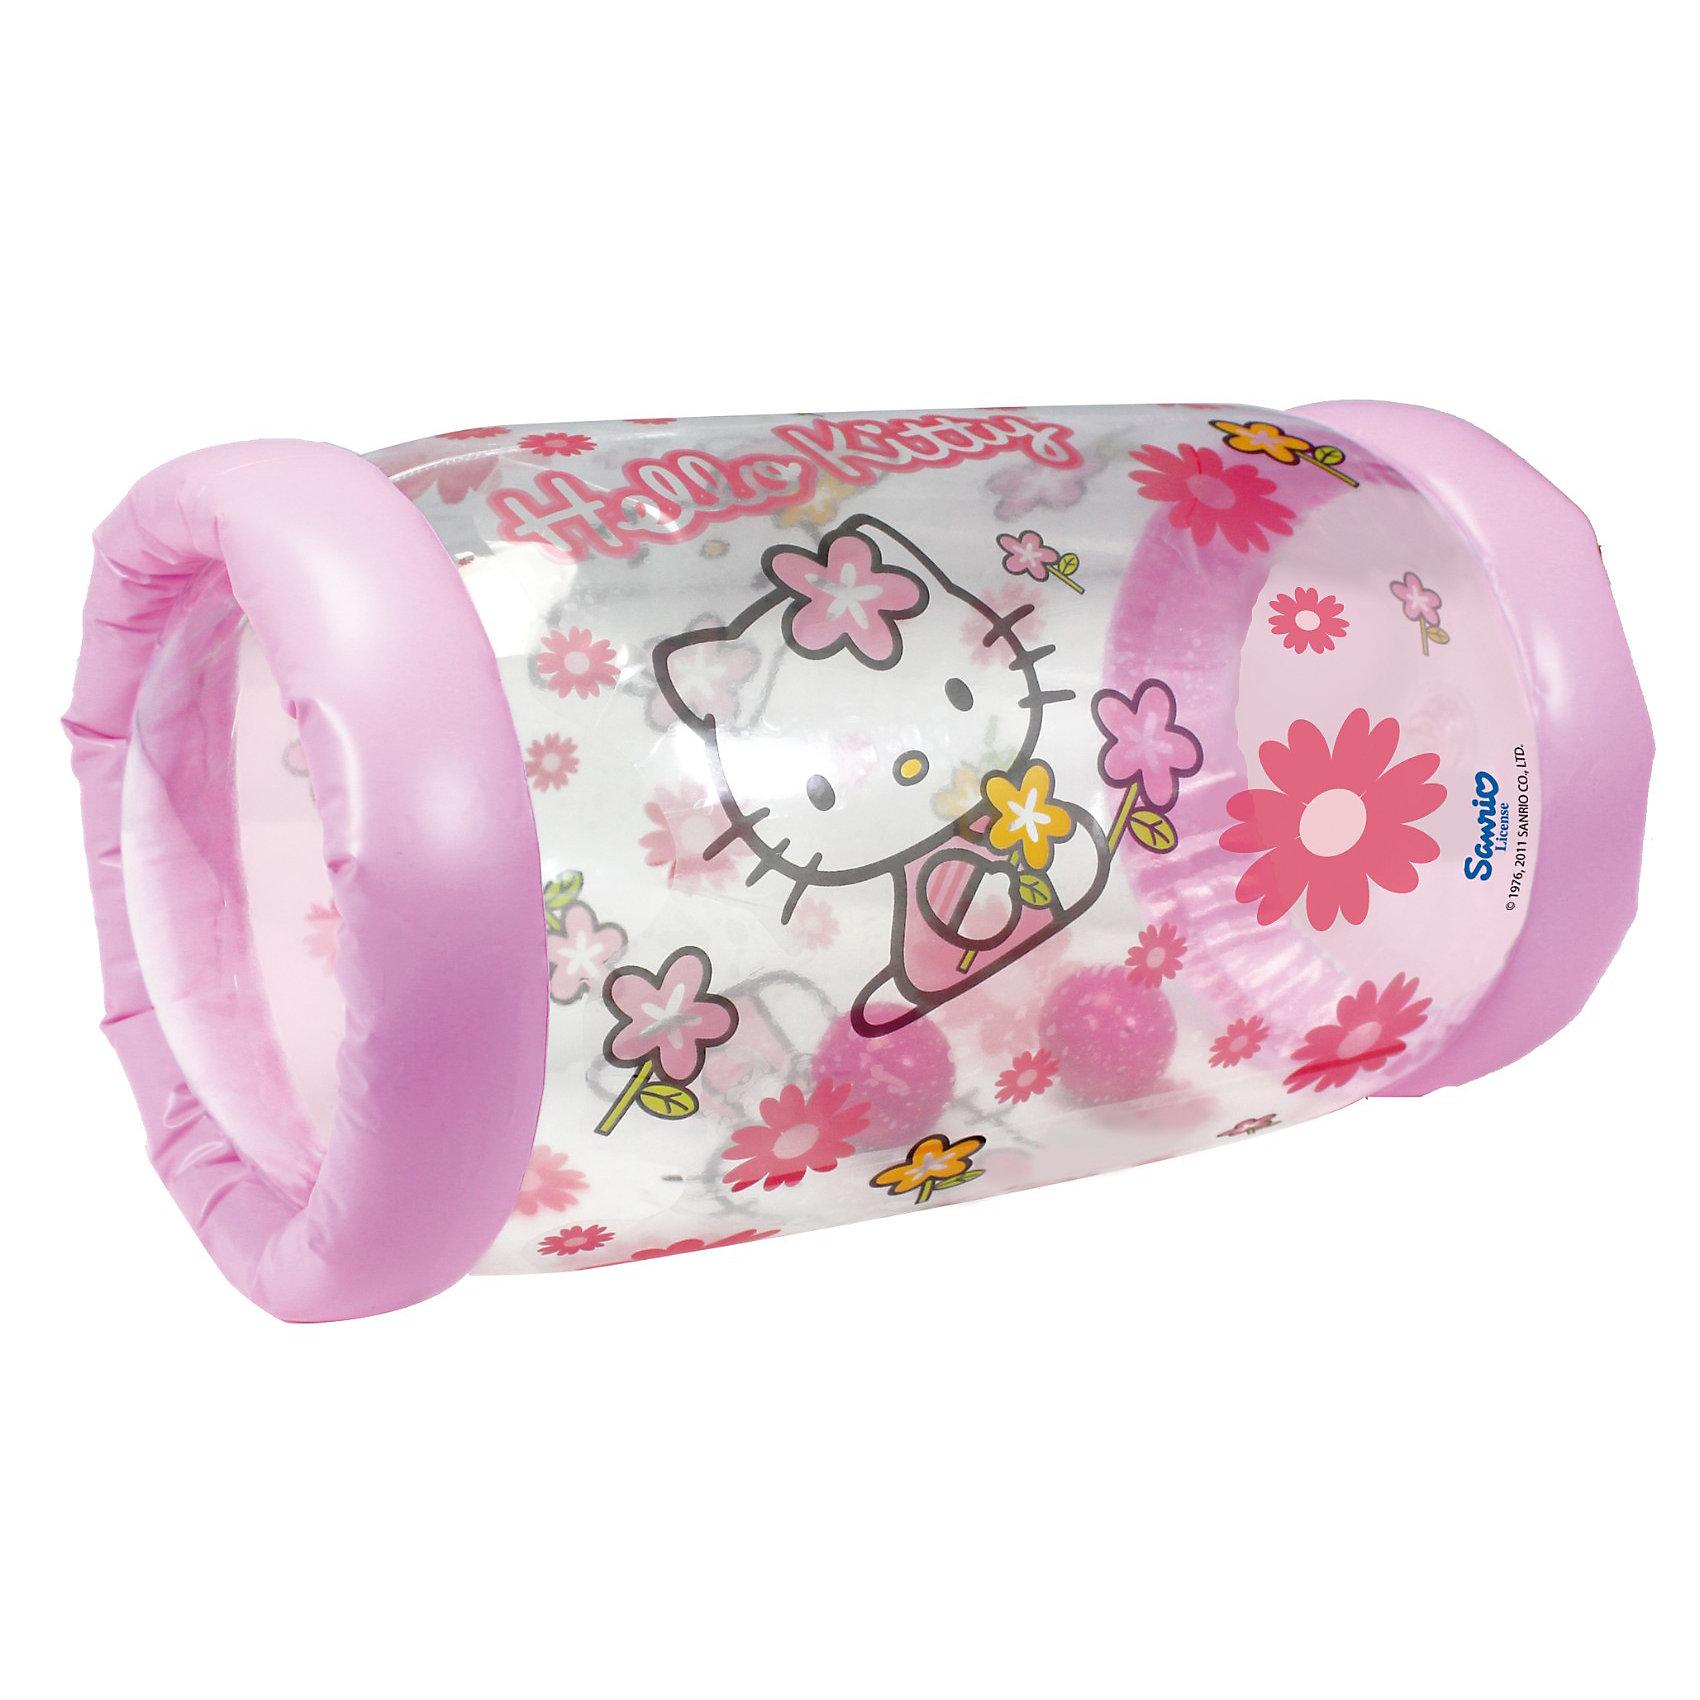 Simba Hello Kitty Надувной цилиндр с 2-я шариками внутри, 42х23 см. simba еви с длинными волосами 2 расчески заколочки hello kitty